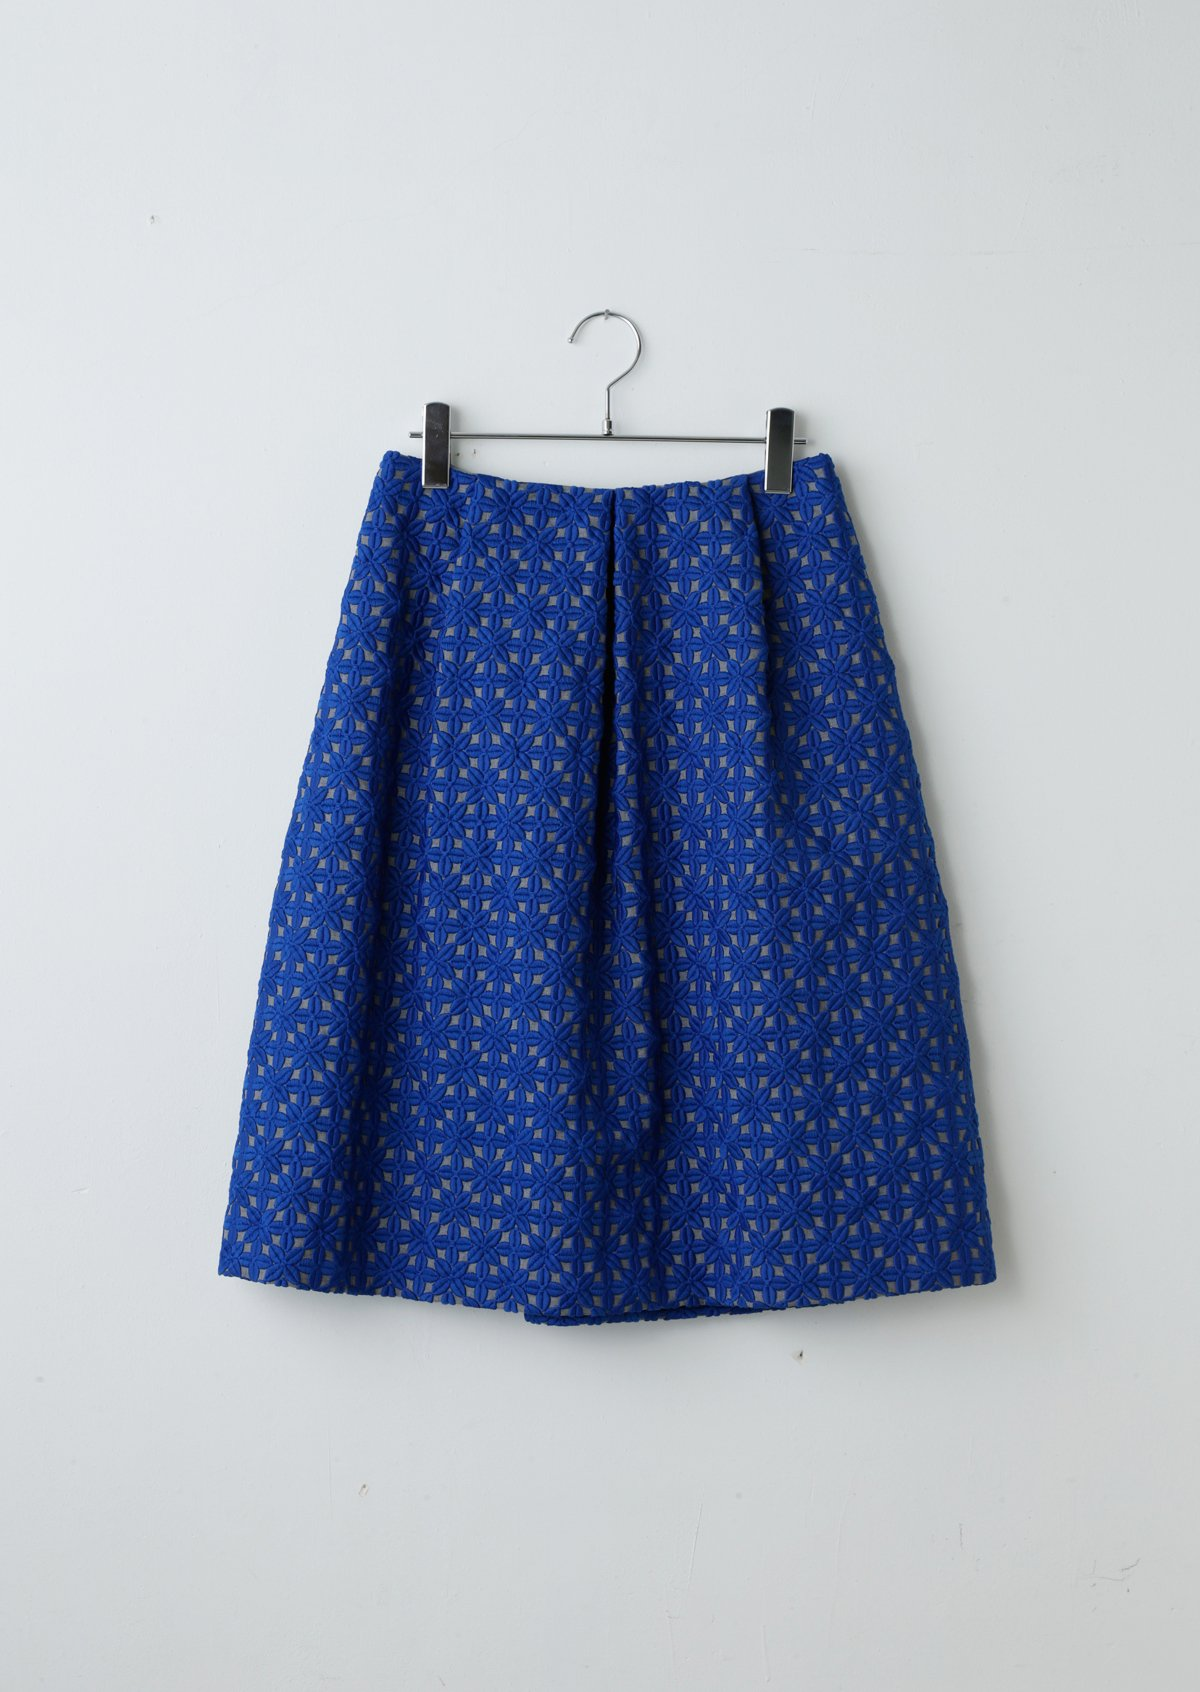 ガーデンスカート